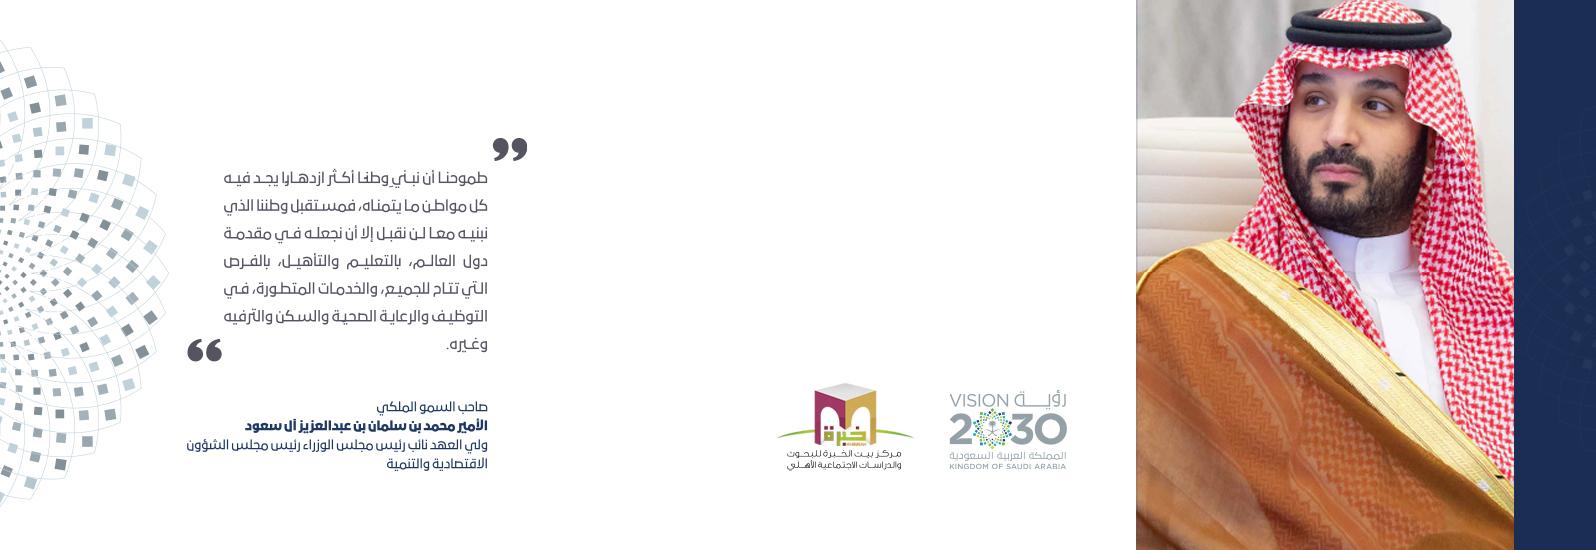 صاحب السمو الملكي الأمير محمد بن سلمان بن عبدالعزيز آل سعود ولي العهد نائب رئيس مجلس الوزراء وزير الدفاع